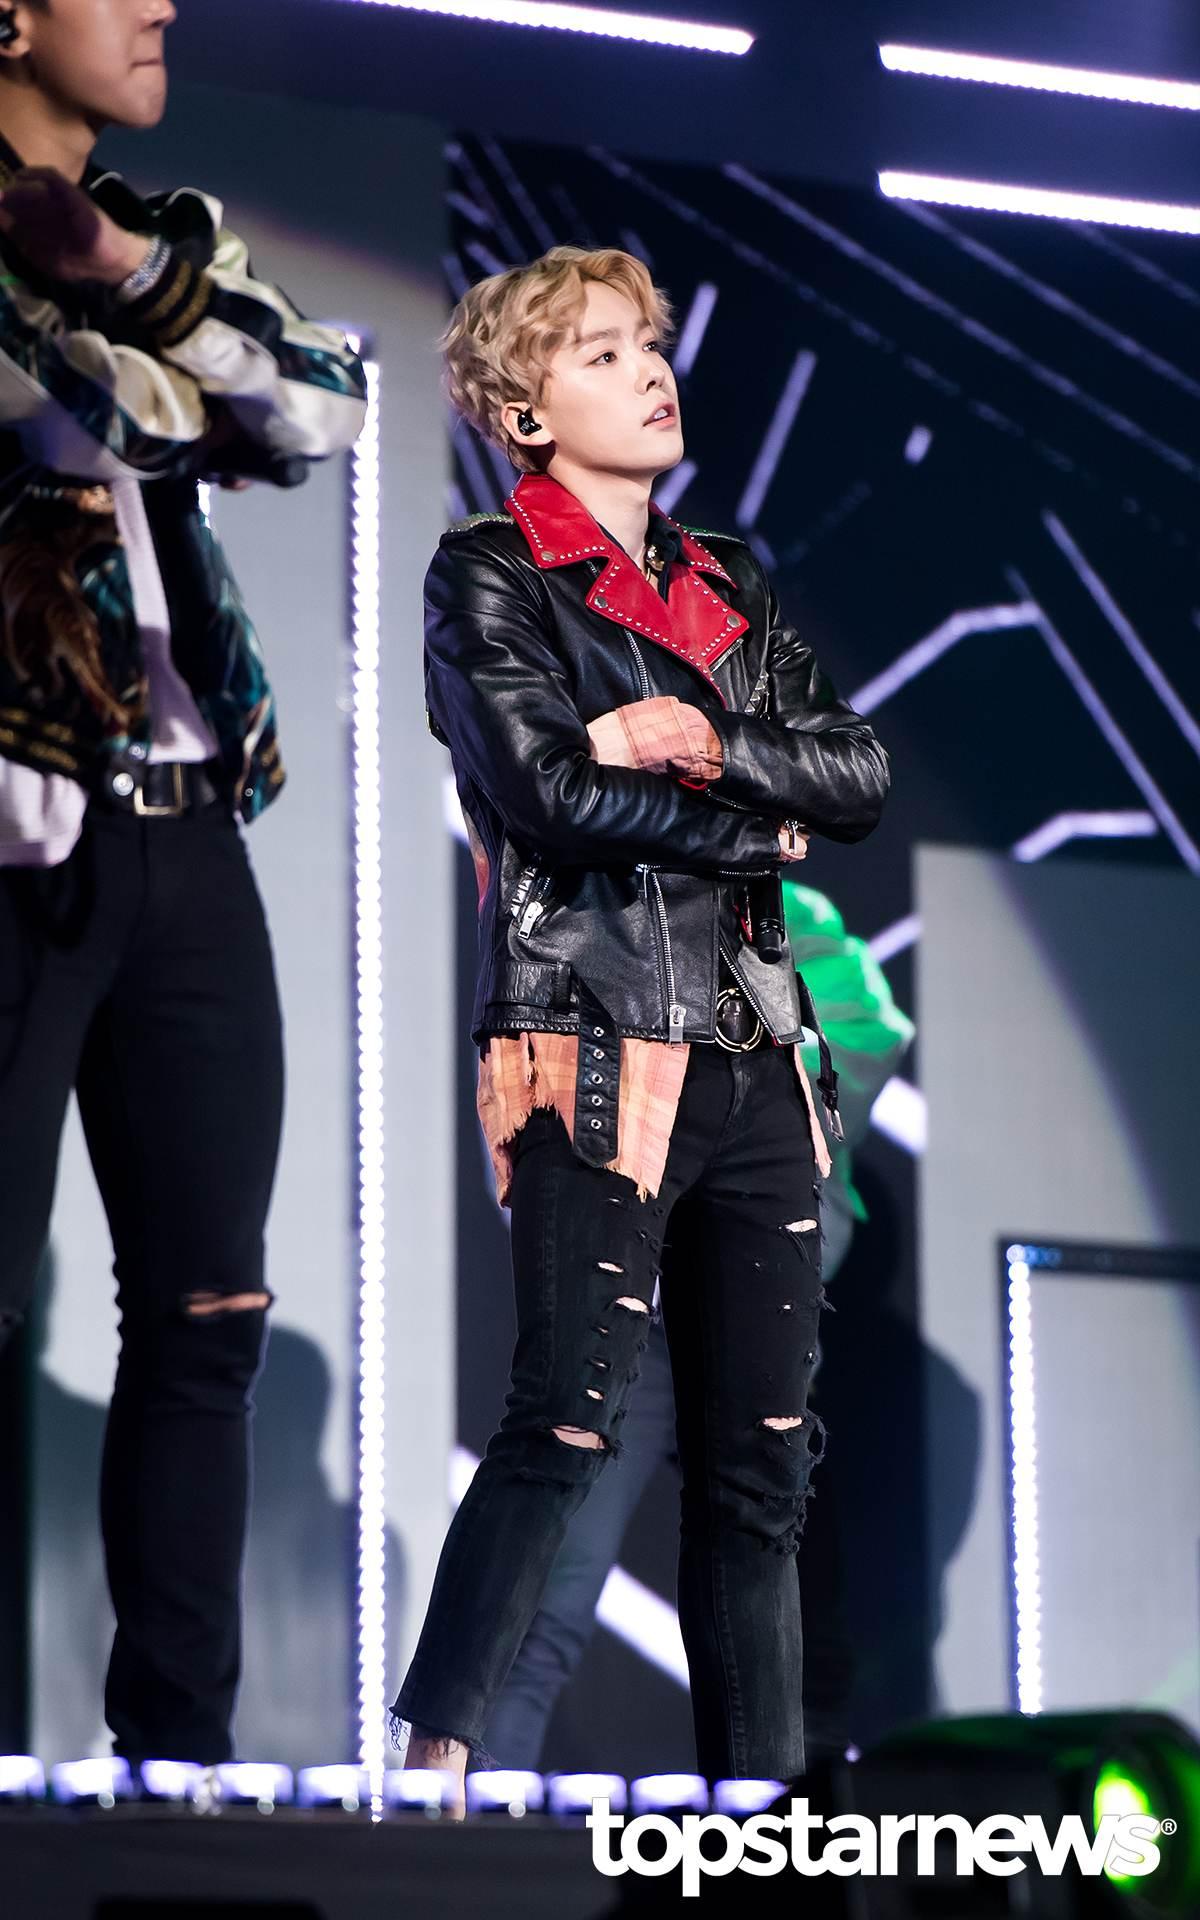 拜託YG多放他們出來,讓粉絲多看看可愛的他們啊~!